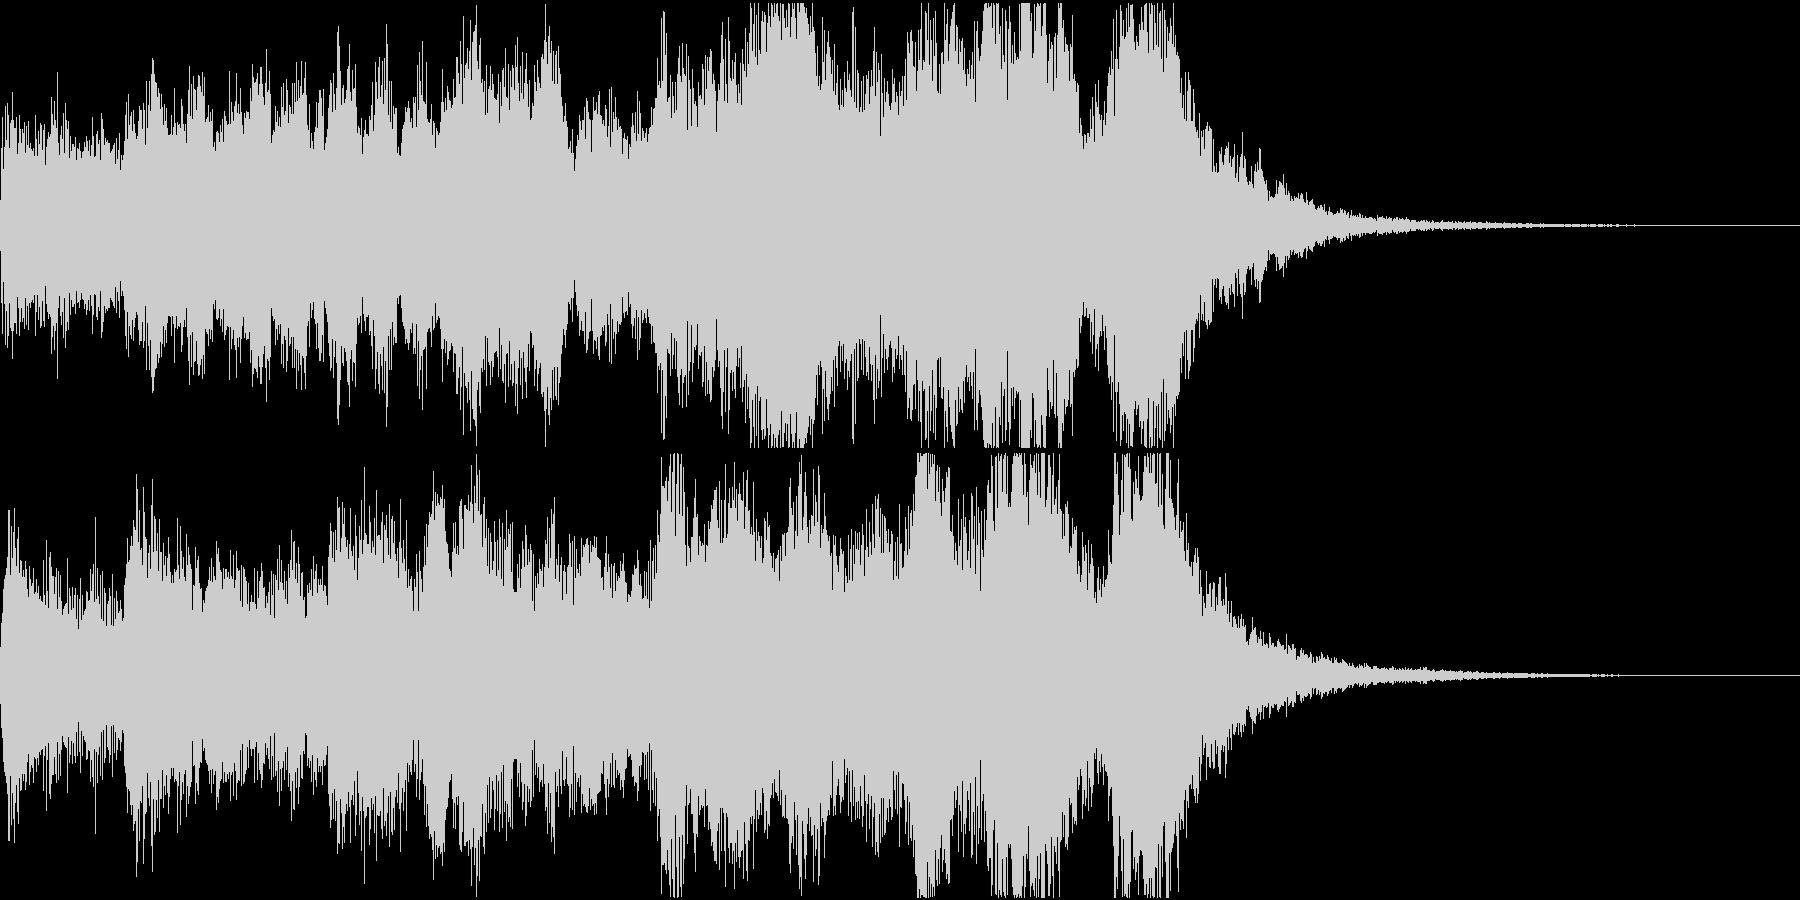 始まりのオーケストラファンファーレの未再生の波形